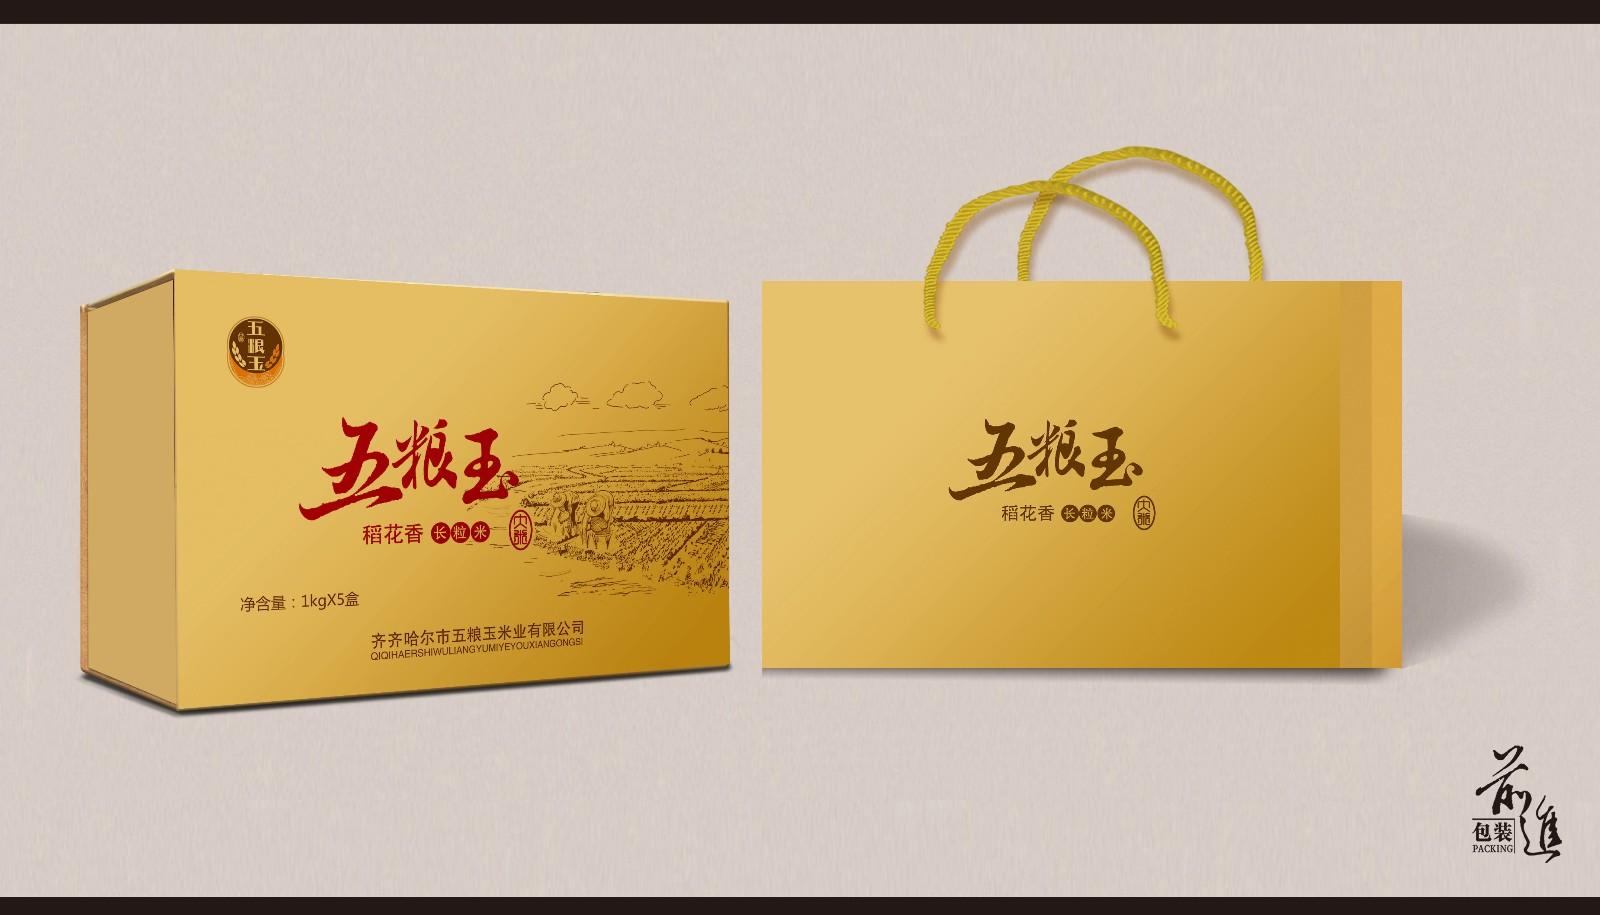 大米包裝盒5.jpg